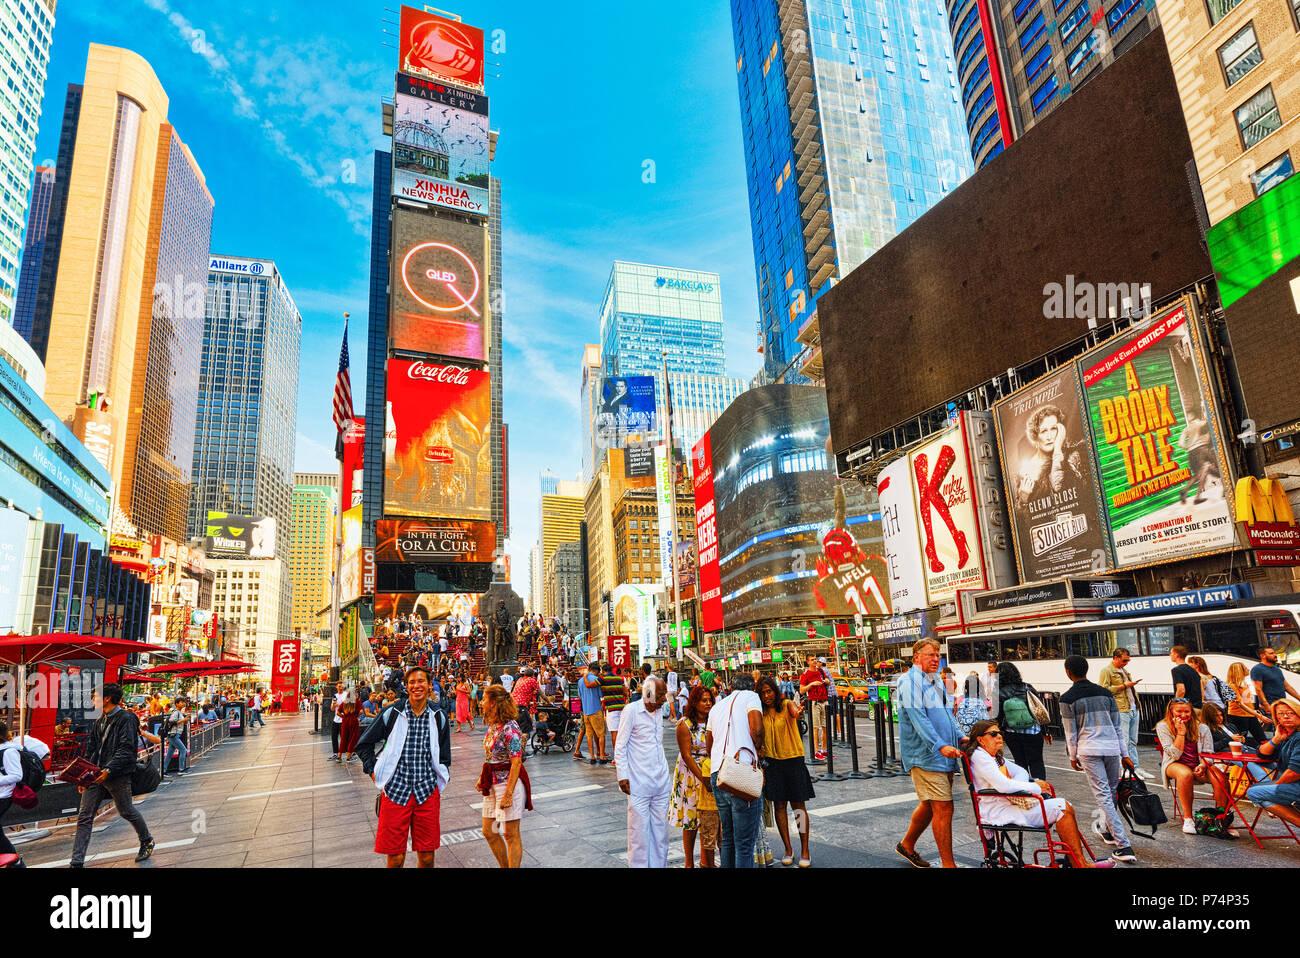 New York, Stati Uniti d'America - 14 Agosto 2017 : Times Square-central e la piazza principale di New York. Street, automobili, cittadini e turisti su di esso. Immagini Stock